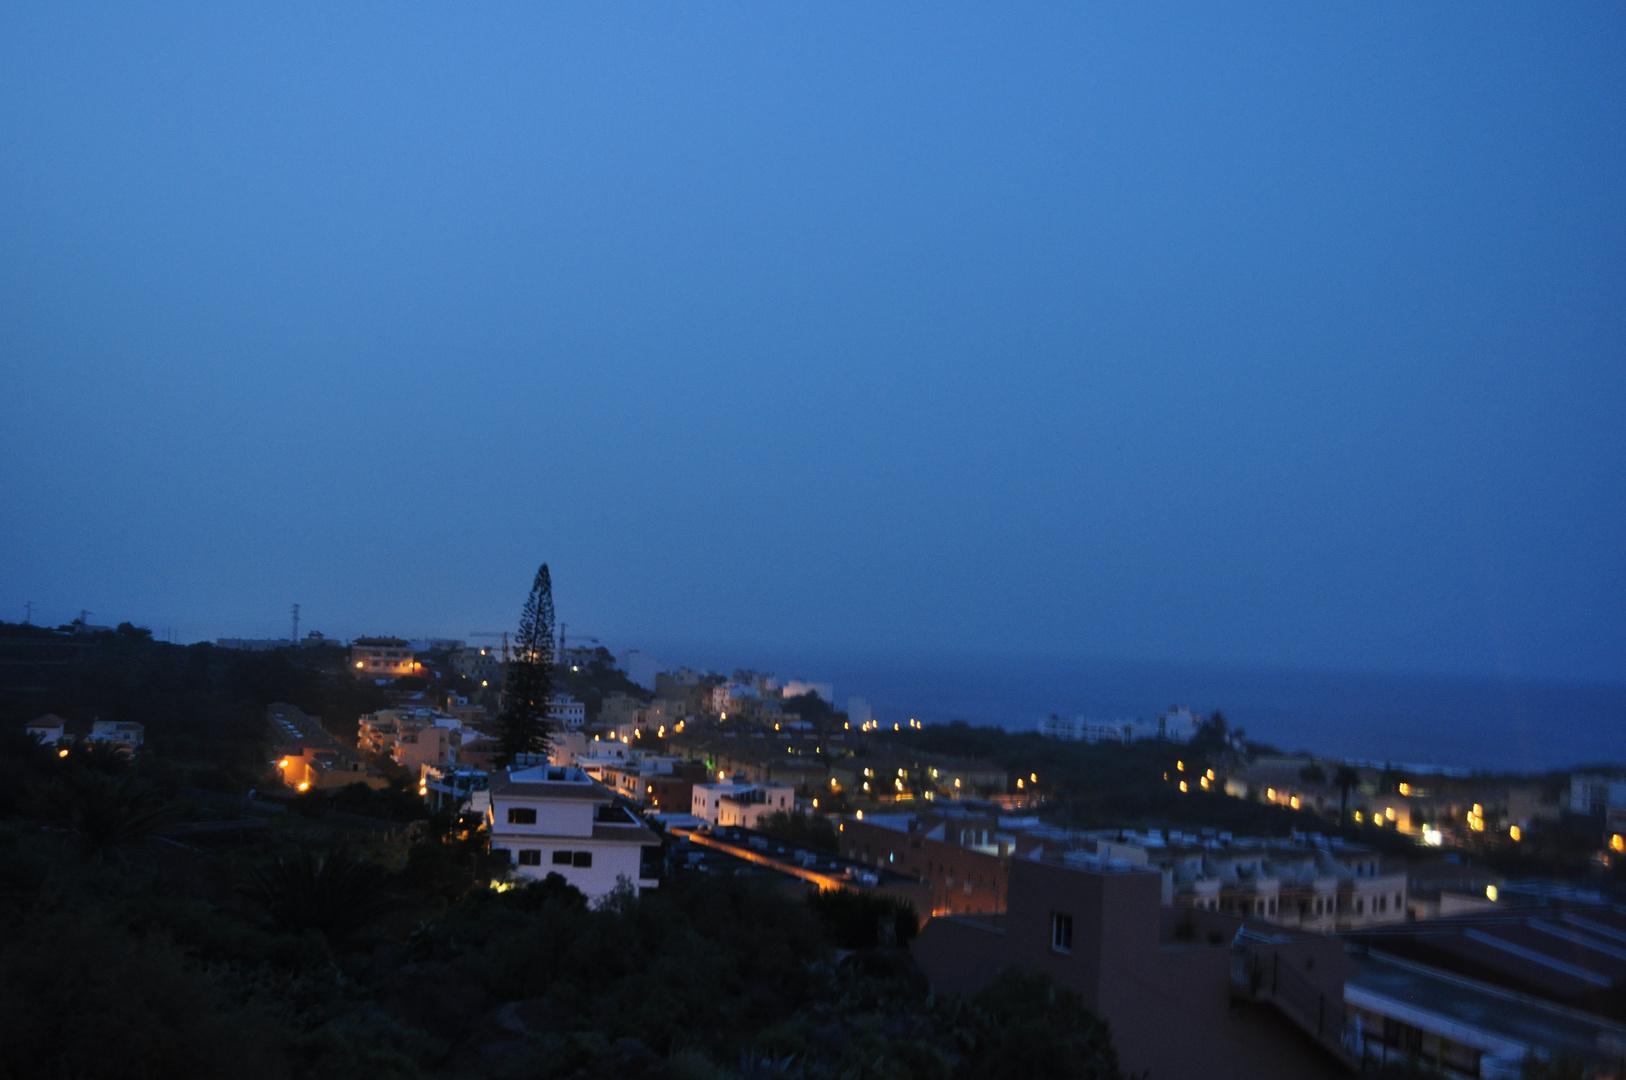 Heute morgen vor Sonnenaufgang - Blick von meinem Balkon